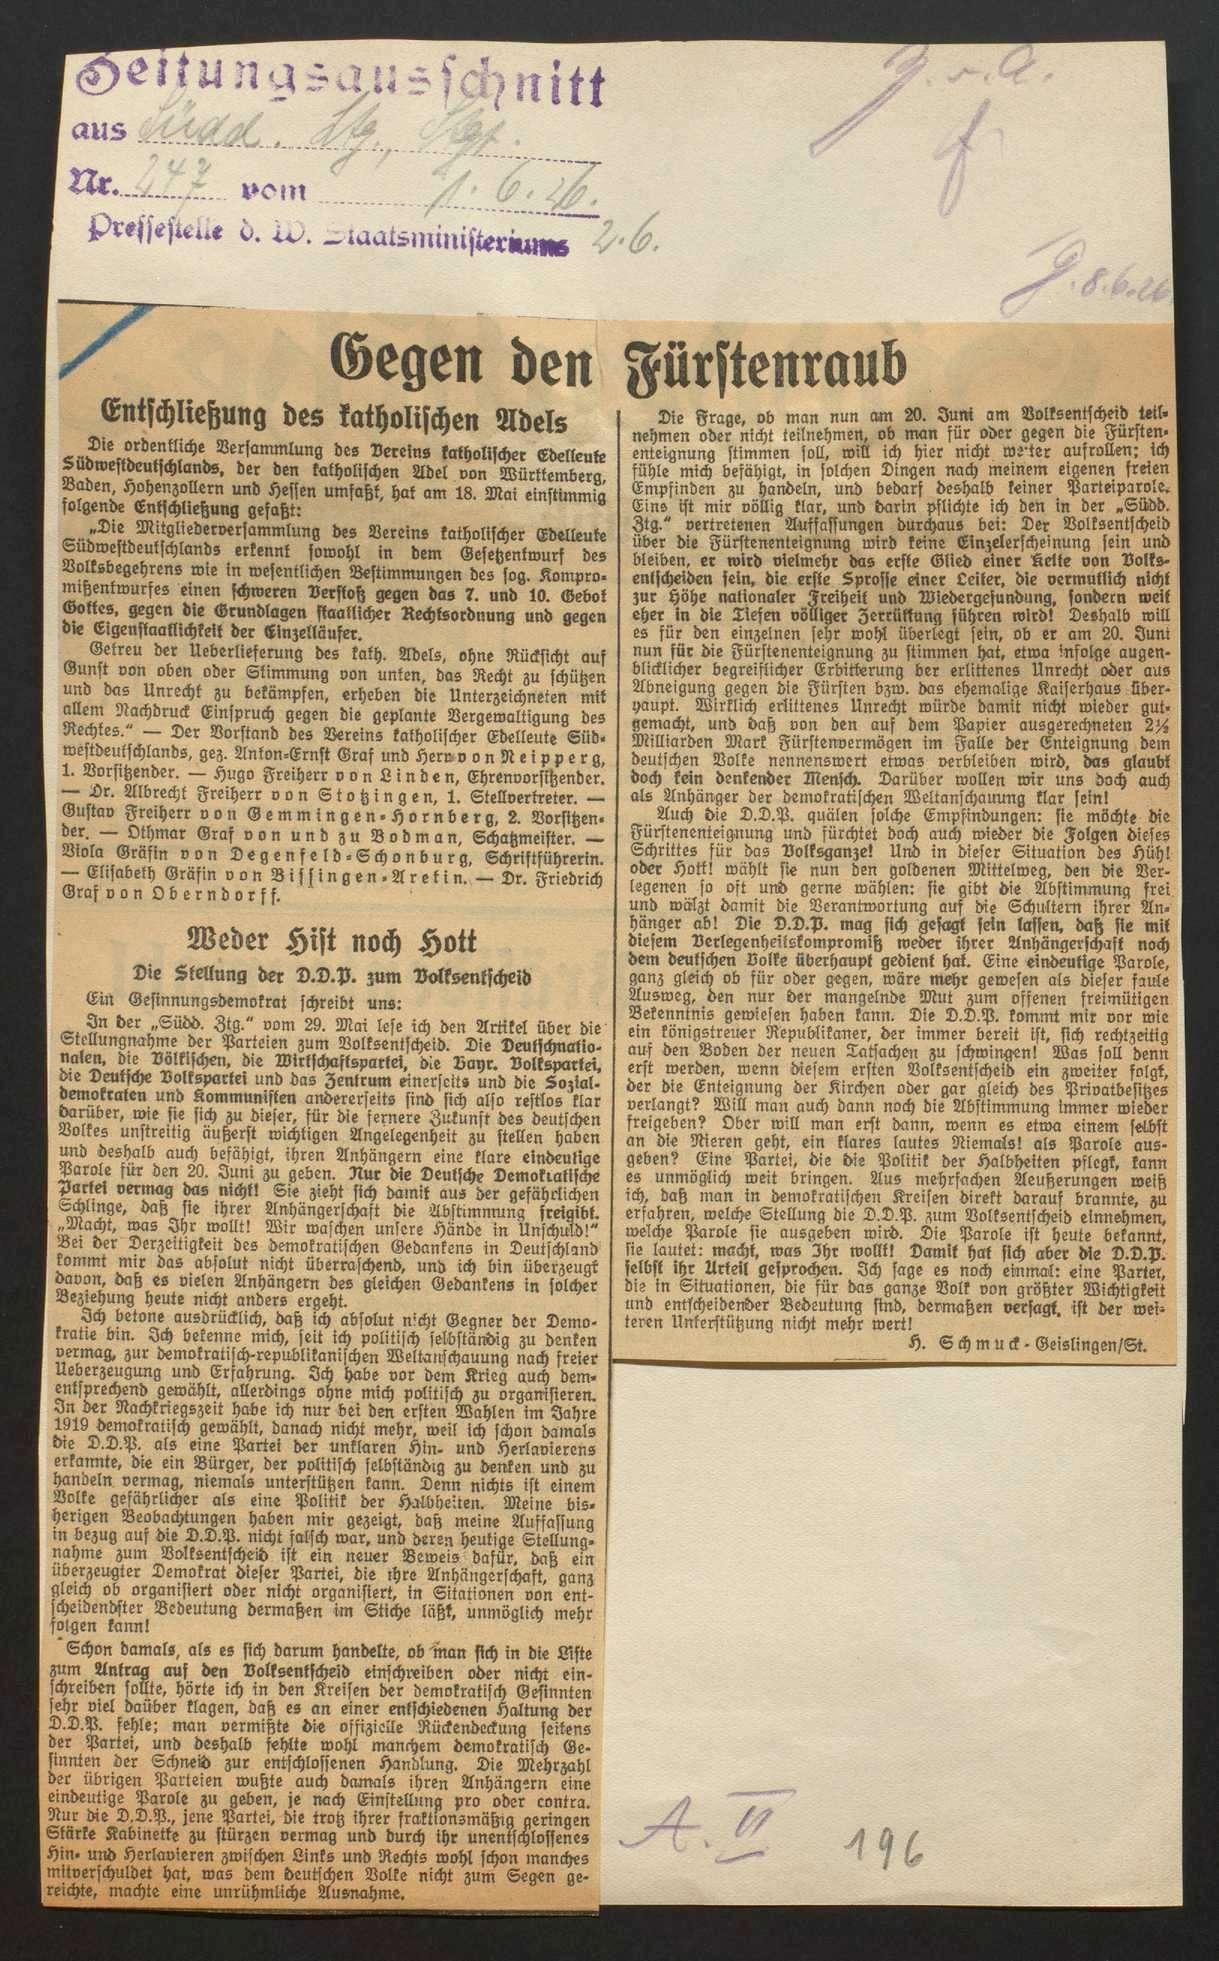 Abfindung der Fürstenhäuser (Volksbegehren, Volksentscheid) sowie Vermögensauseinandersetzung mit dem Haus Württemberg, Bild 2